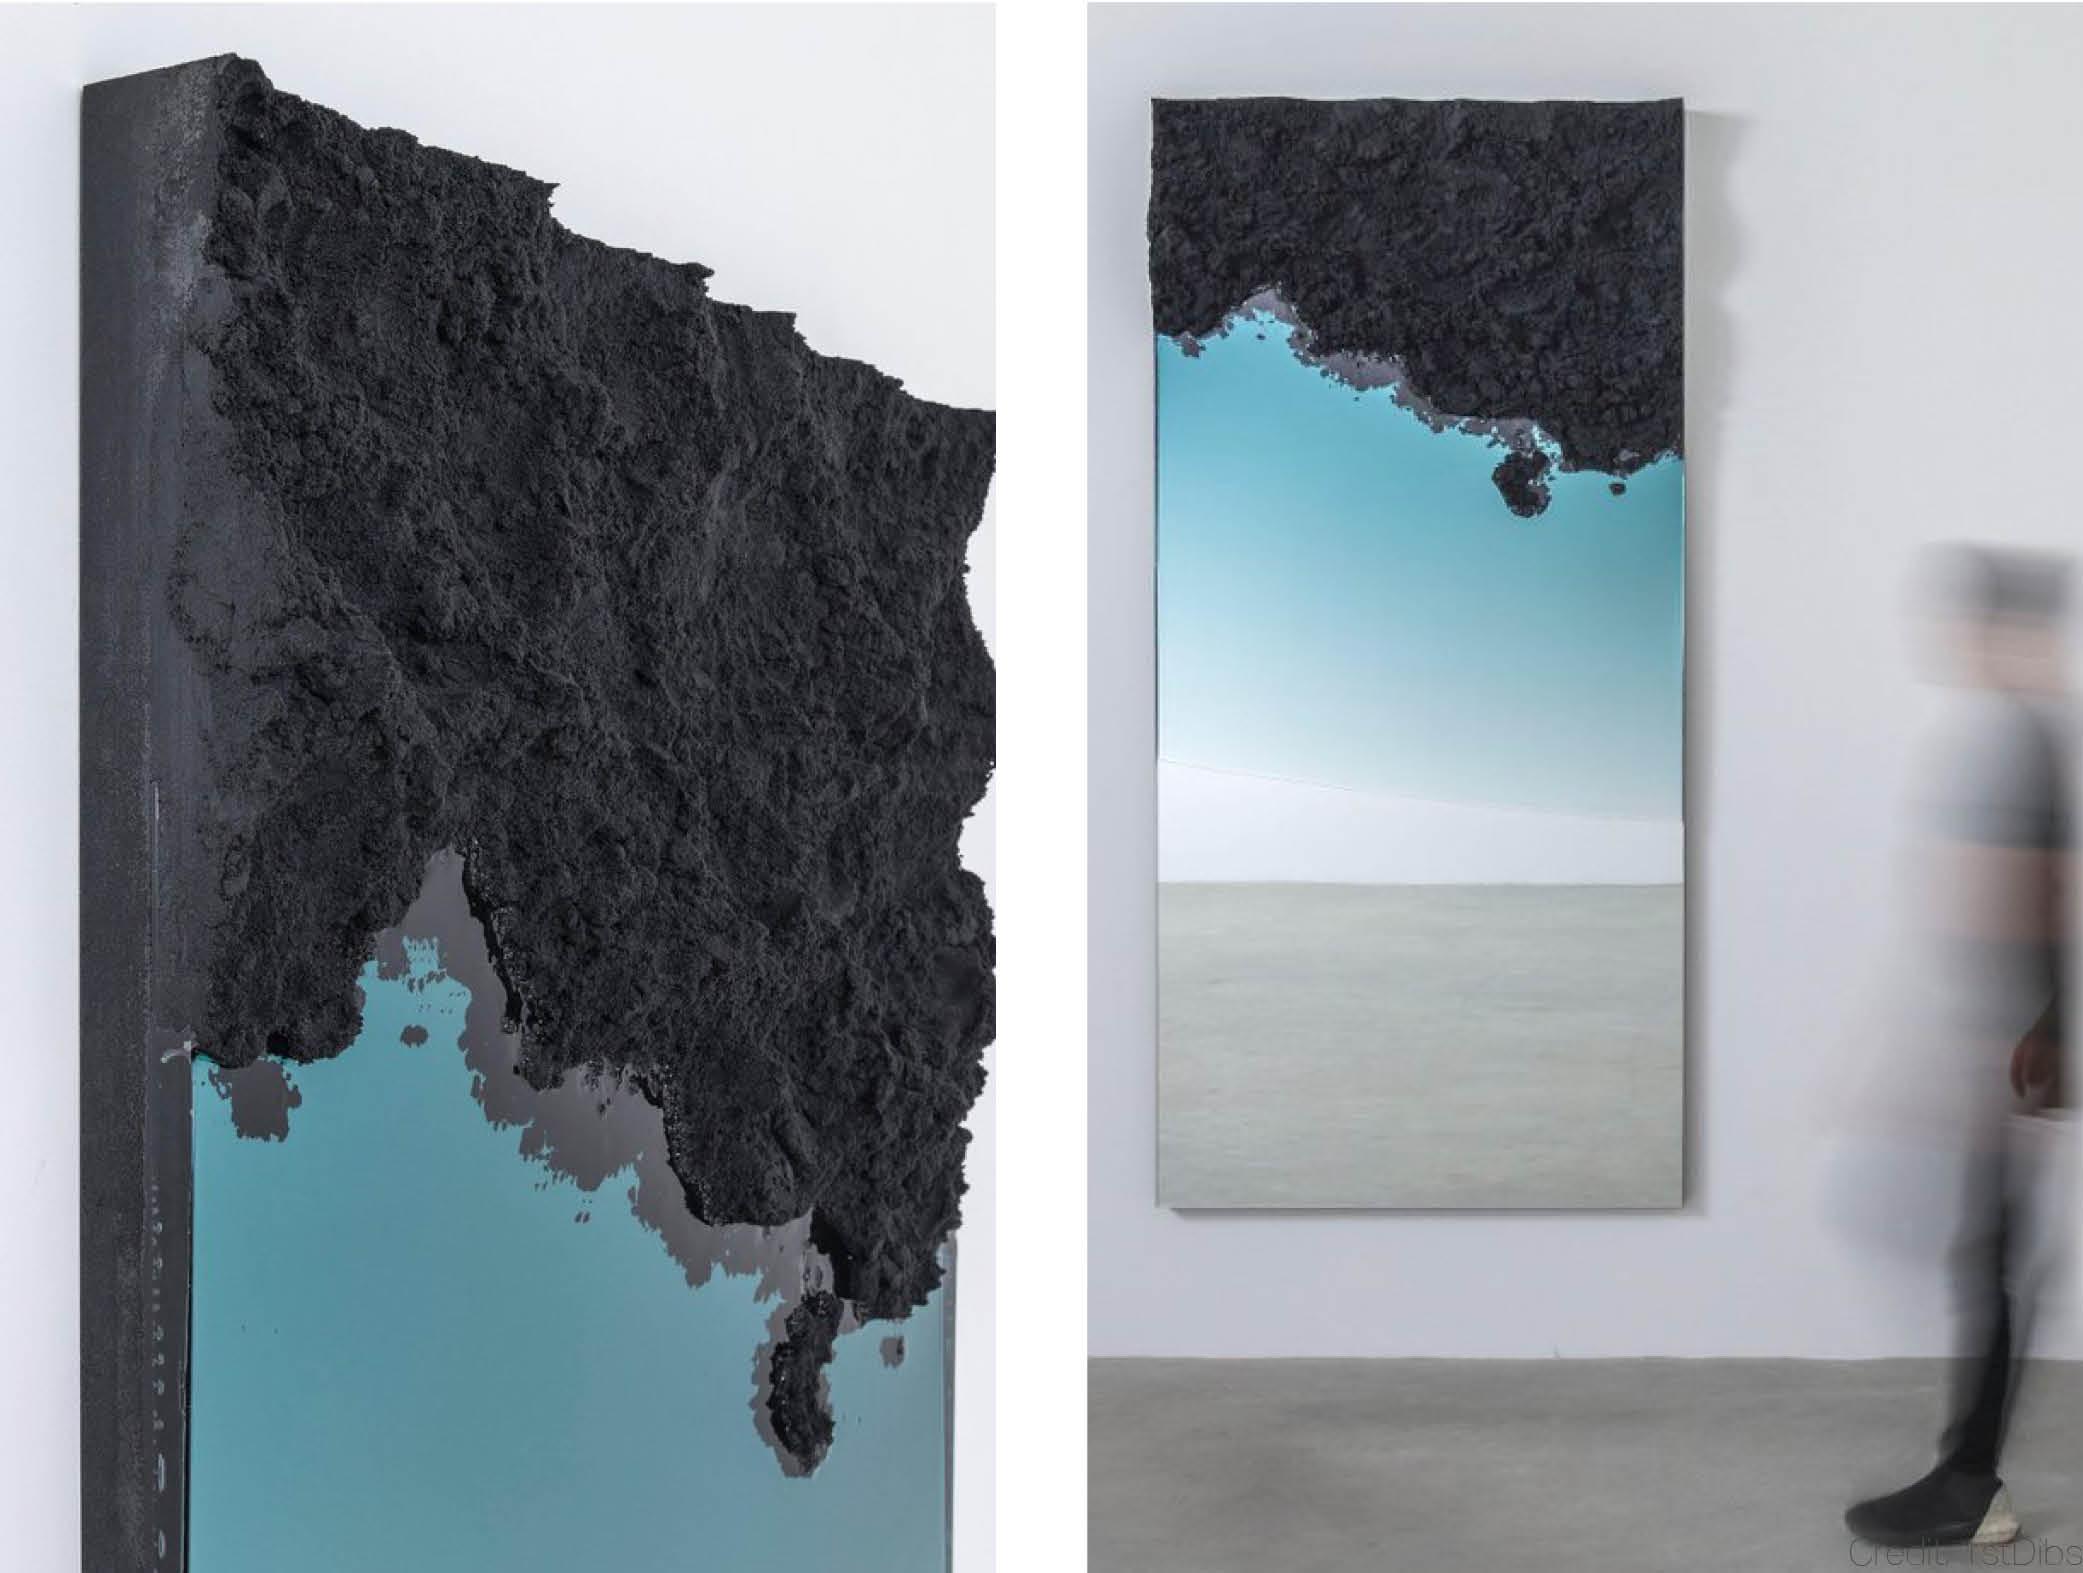 Francesco Perrini Flood Mirror Design